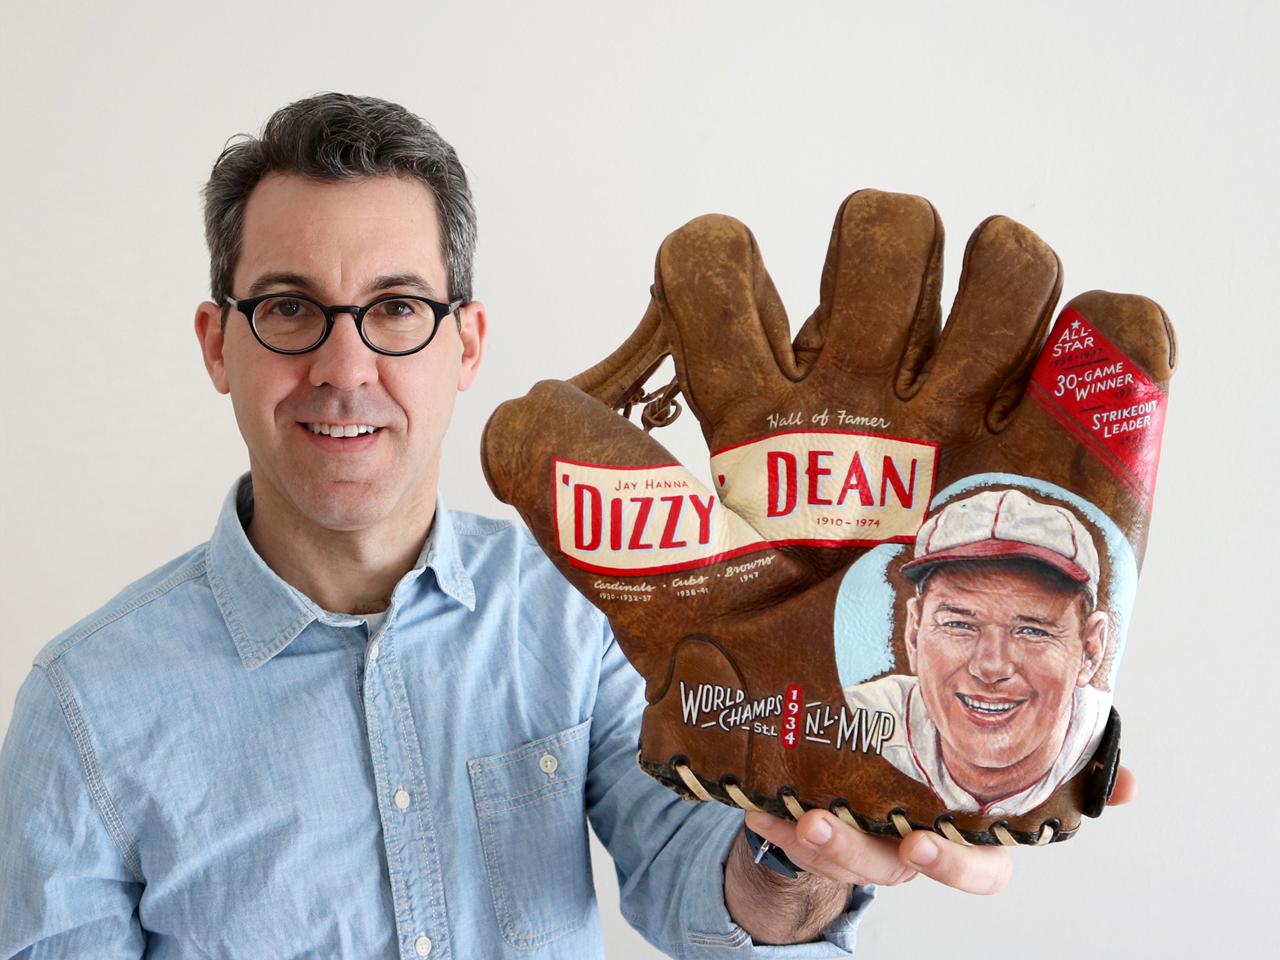 Sean Kane w/ Dizzy Dean Glove